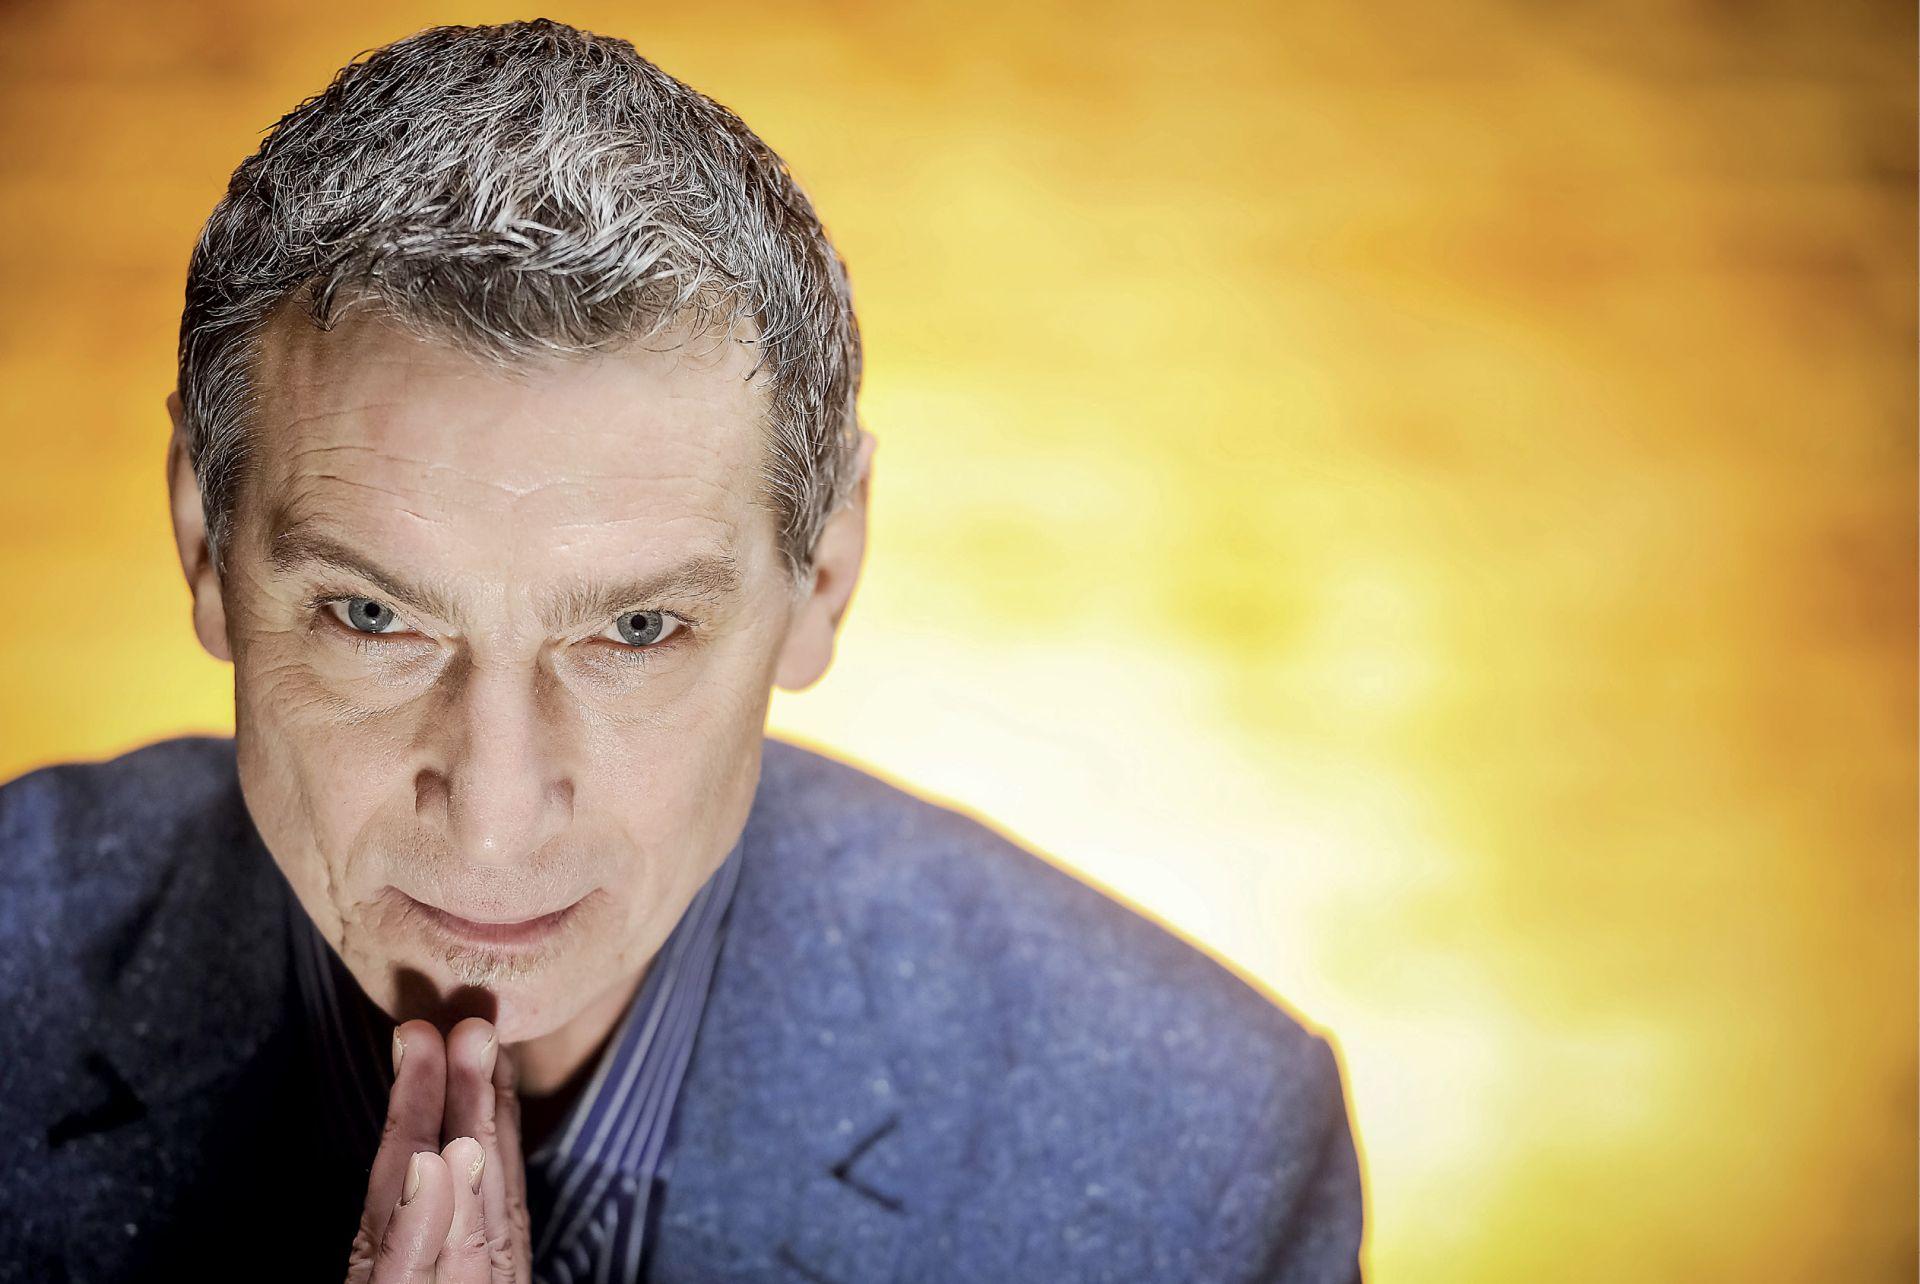 INTERVIEW: MASSIMO SAVIĆ 'Sramote političara ne mogu zasmetati mojoj izvedbi'